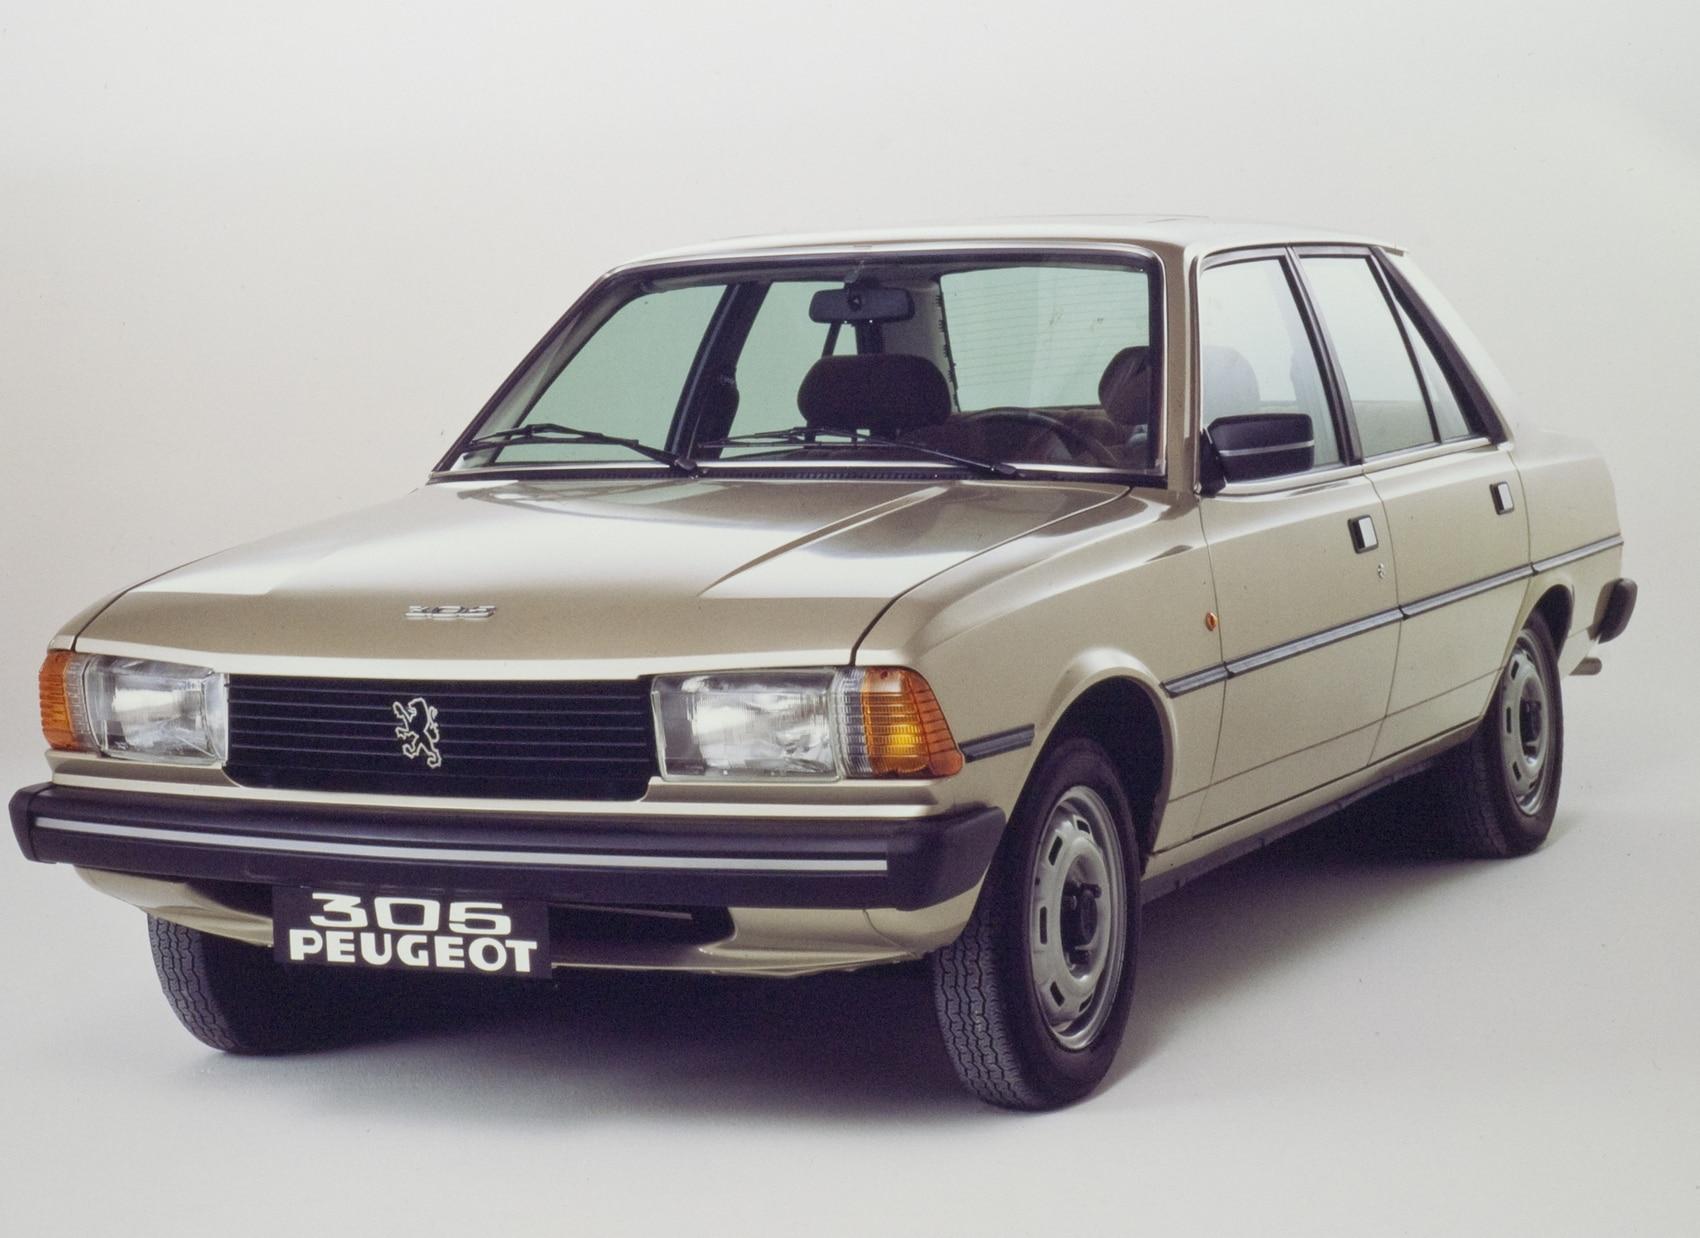 peugeot-305-1978